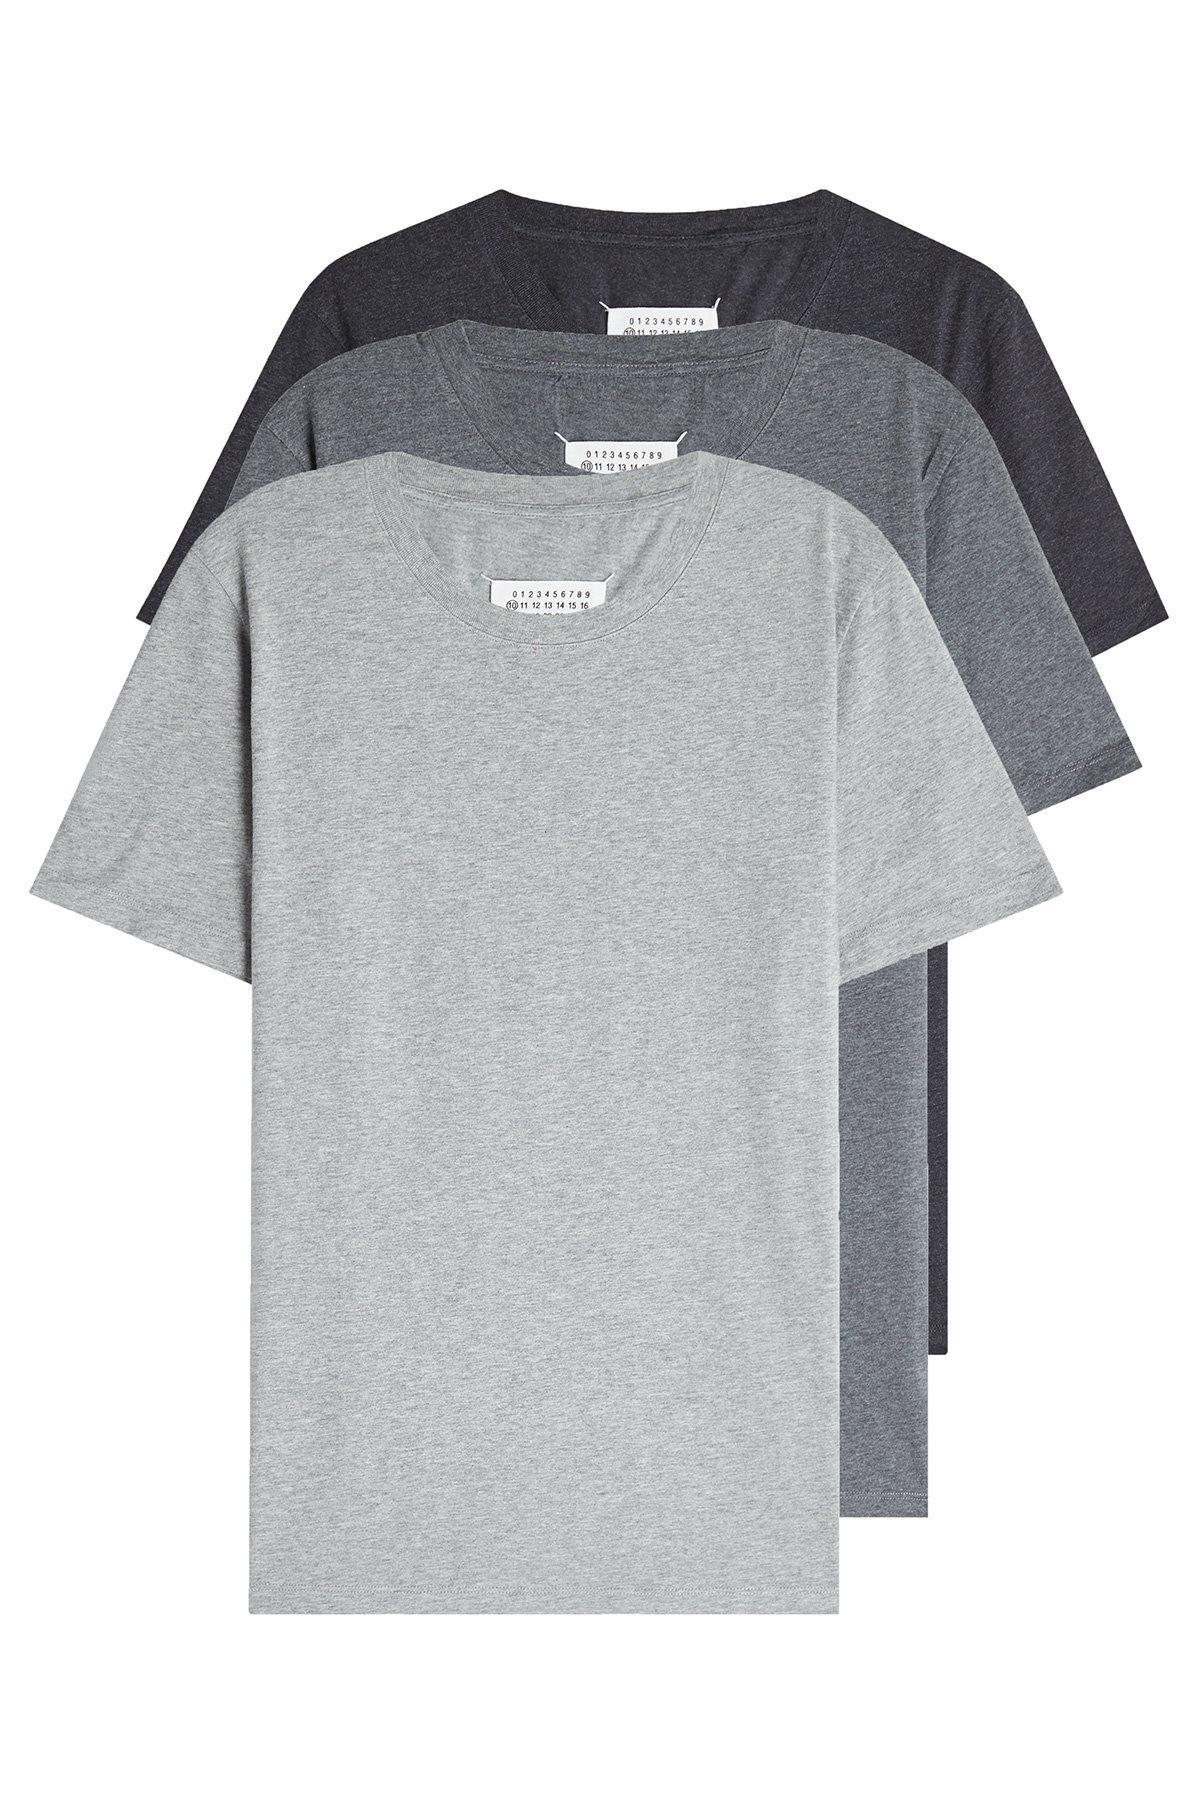 189d98e66764 Lyst - Maison Margiela Pack Of 3 Cotton T-shirts for Men